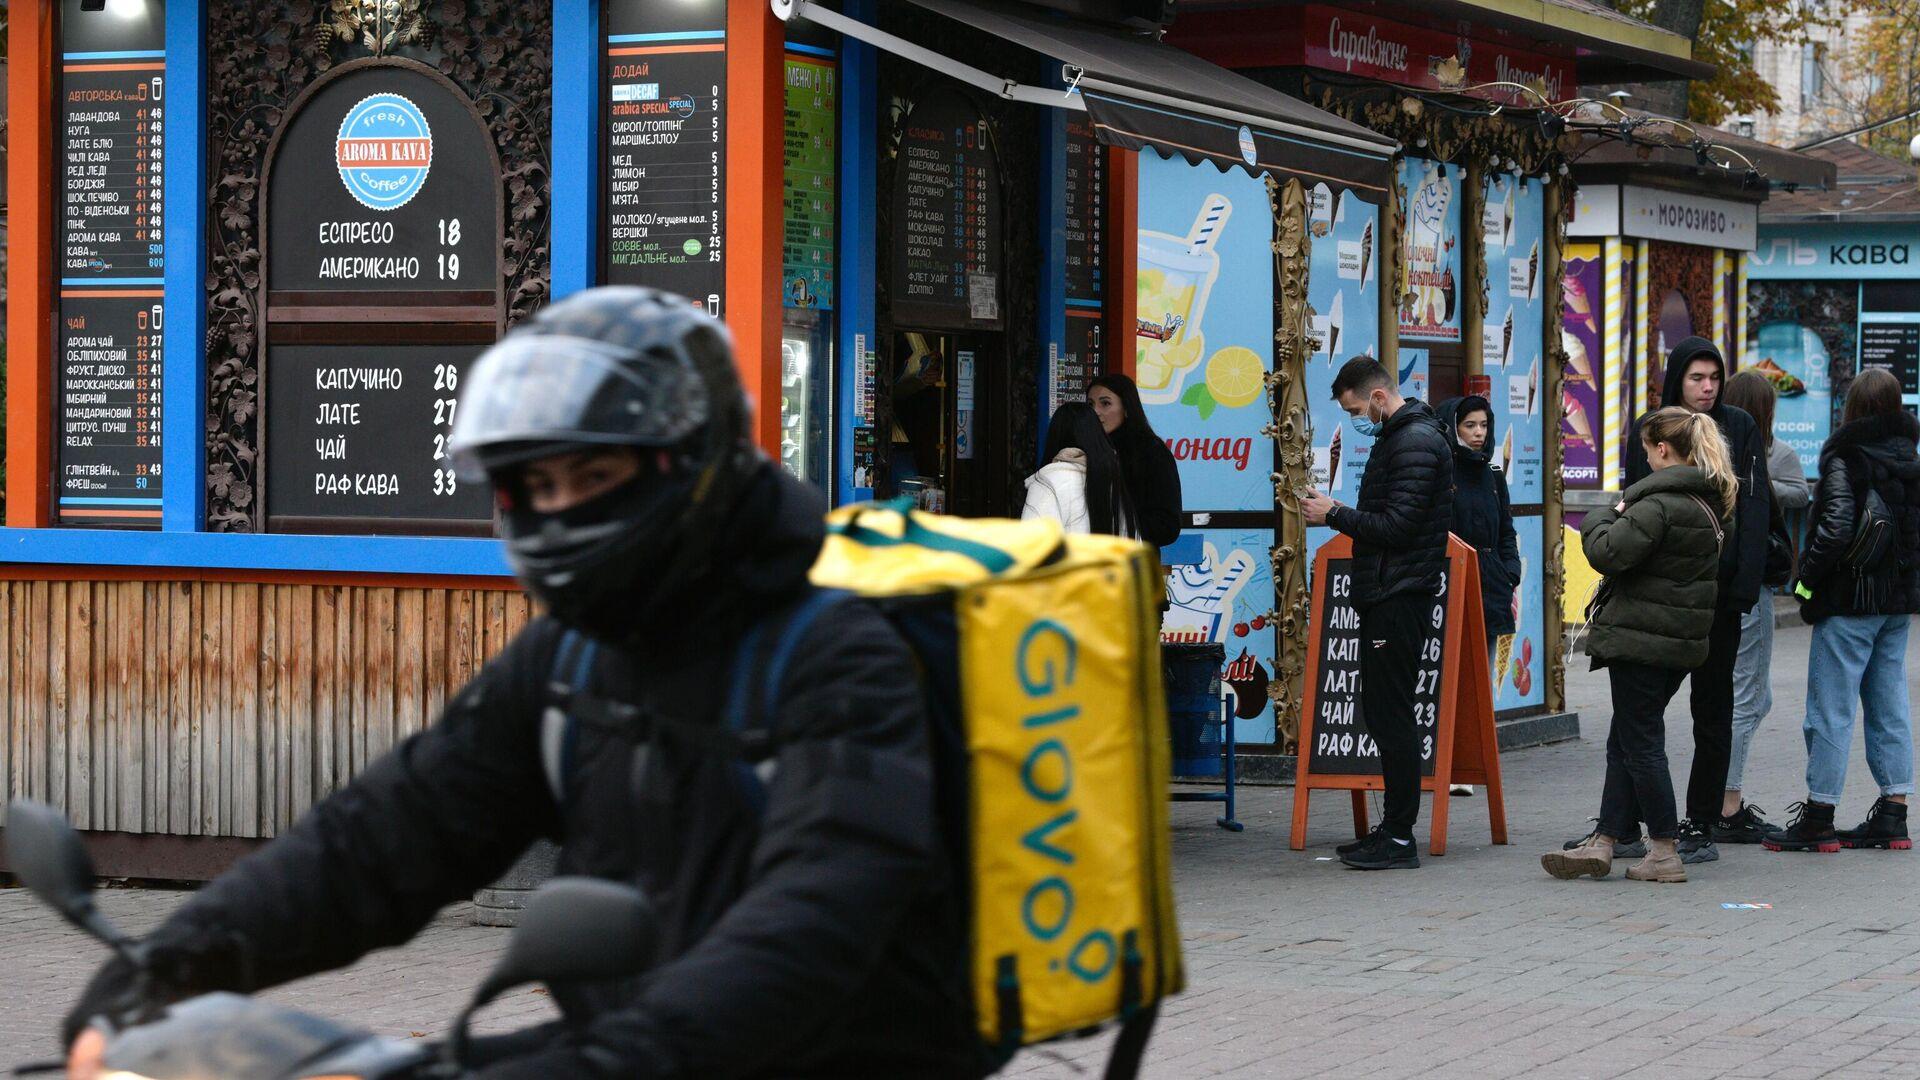 Курьер службы доставки на одной из улиц в Киеве. - Sputnik Узбекистан, 1920, 08.10.2021